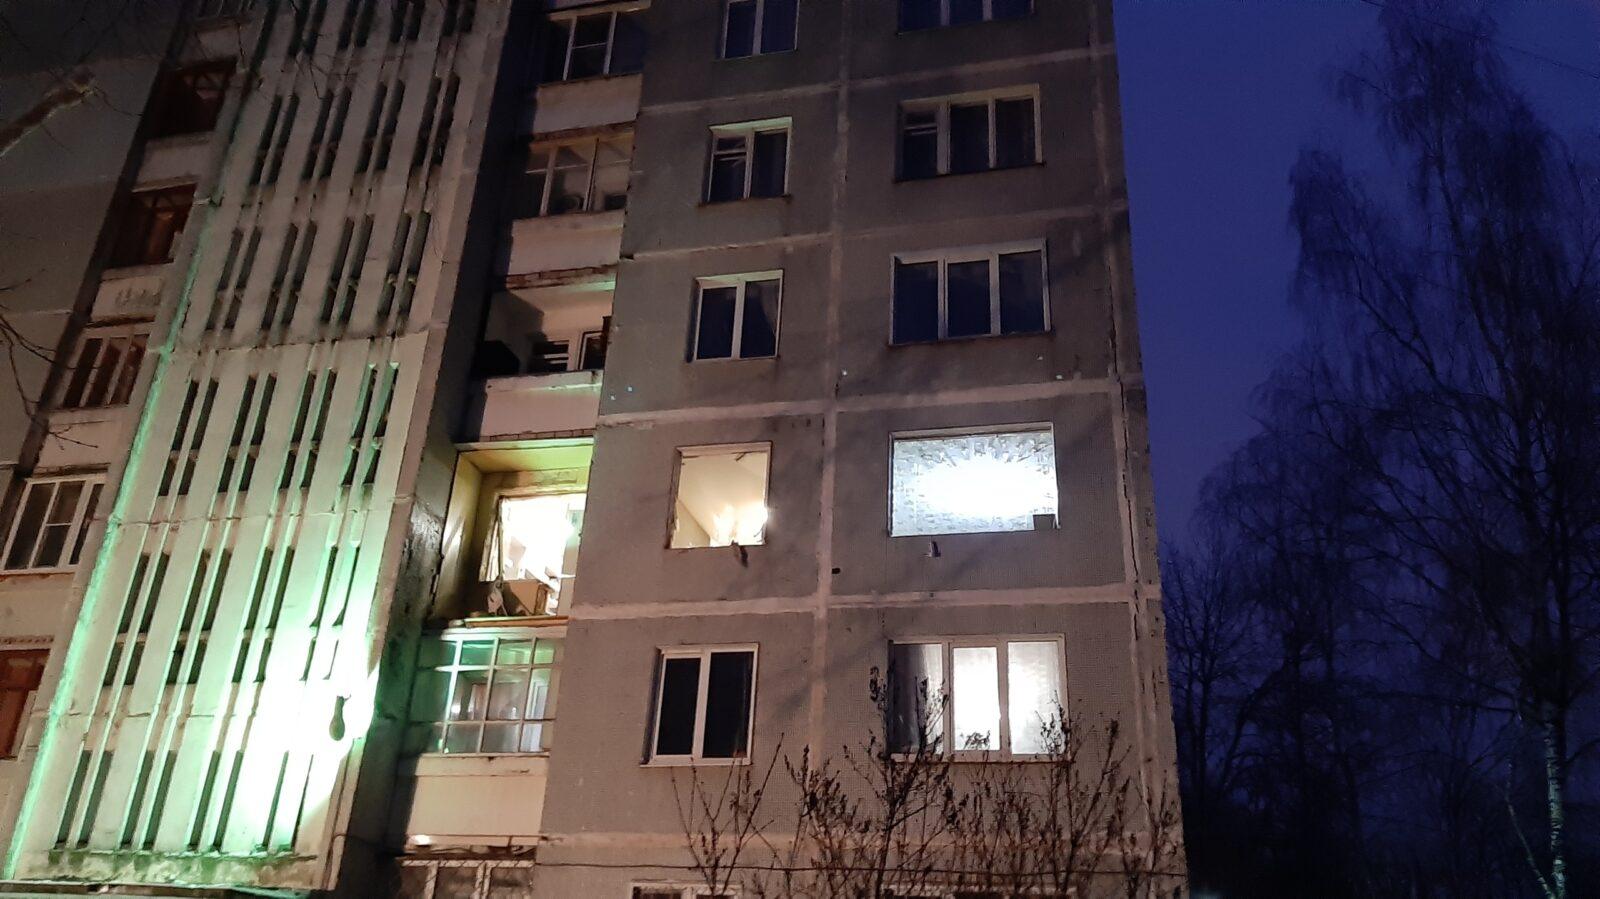 Инцидент с газом собрал экстренные службы и МЧС в Твери